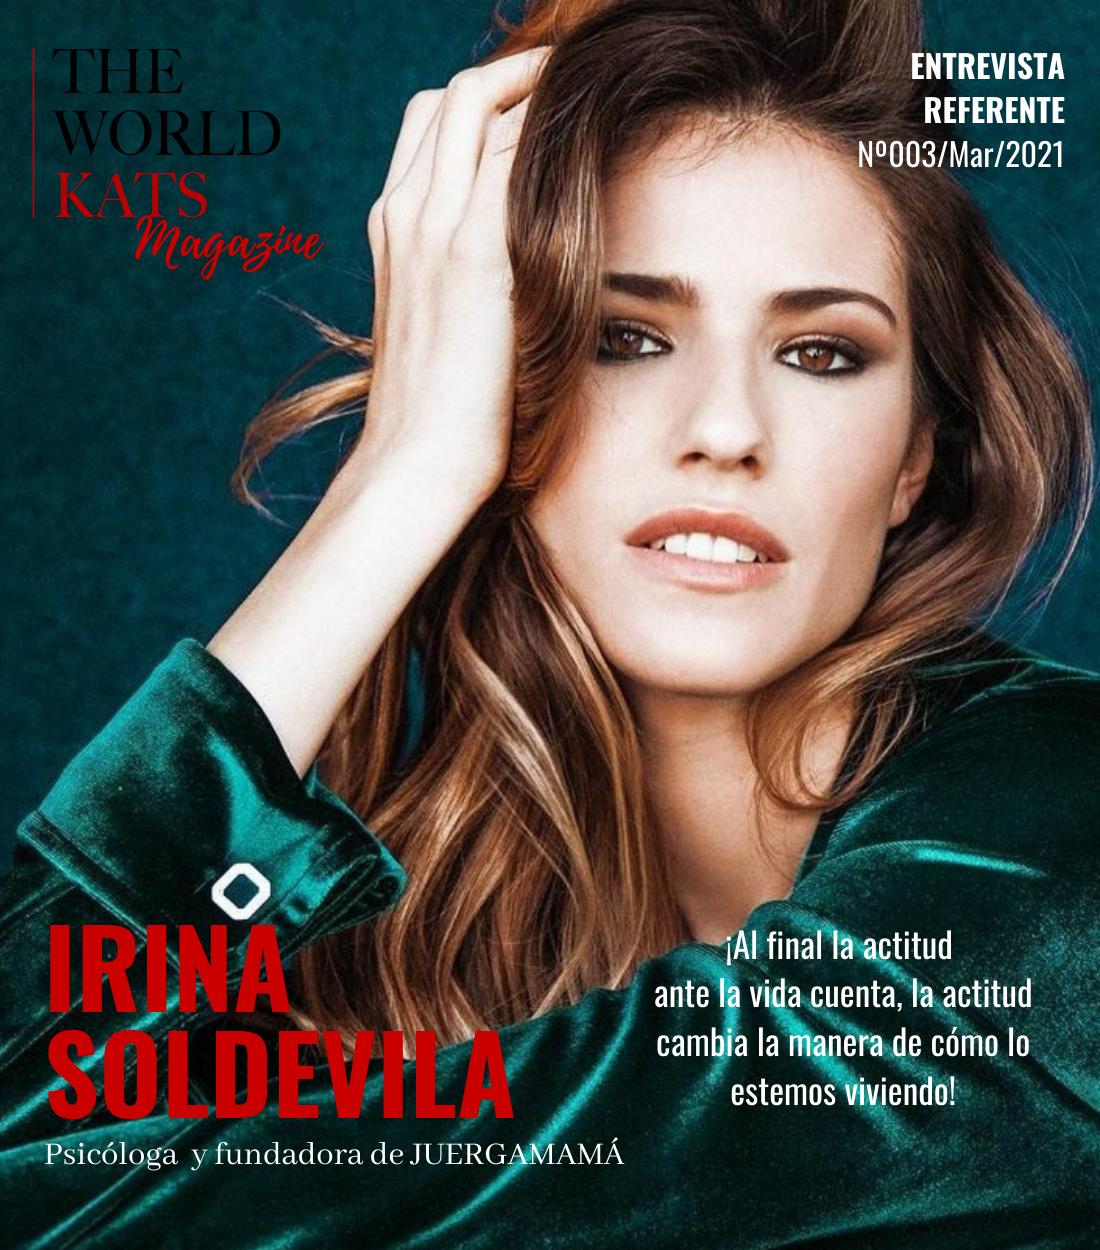 Entrevista a la influencer Irina Soldevila